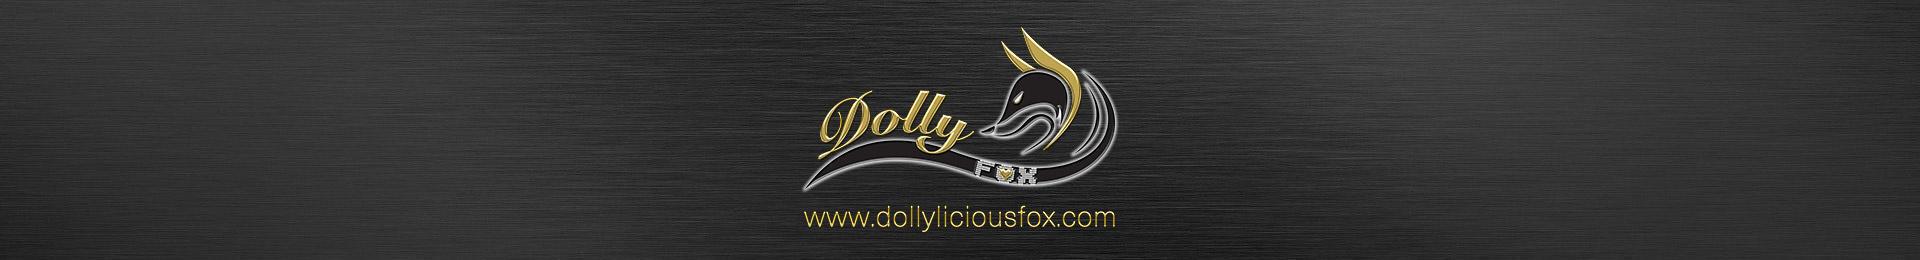 Dollylicious Fox